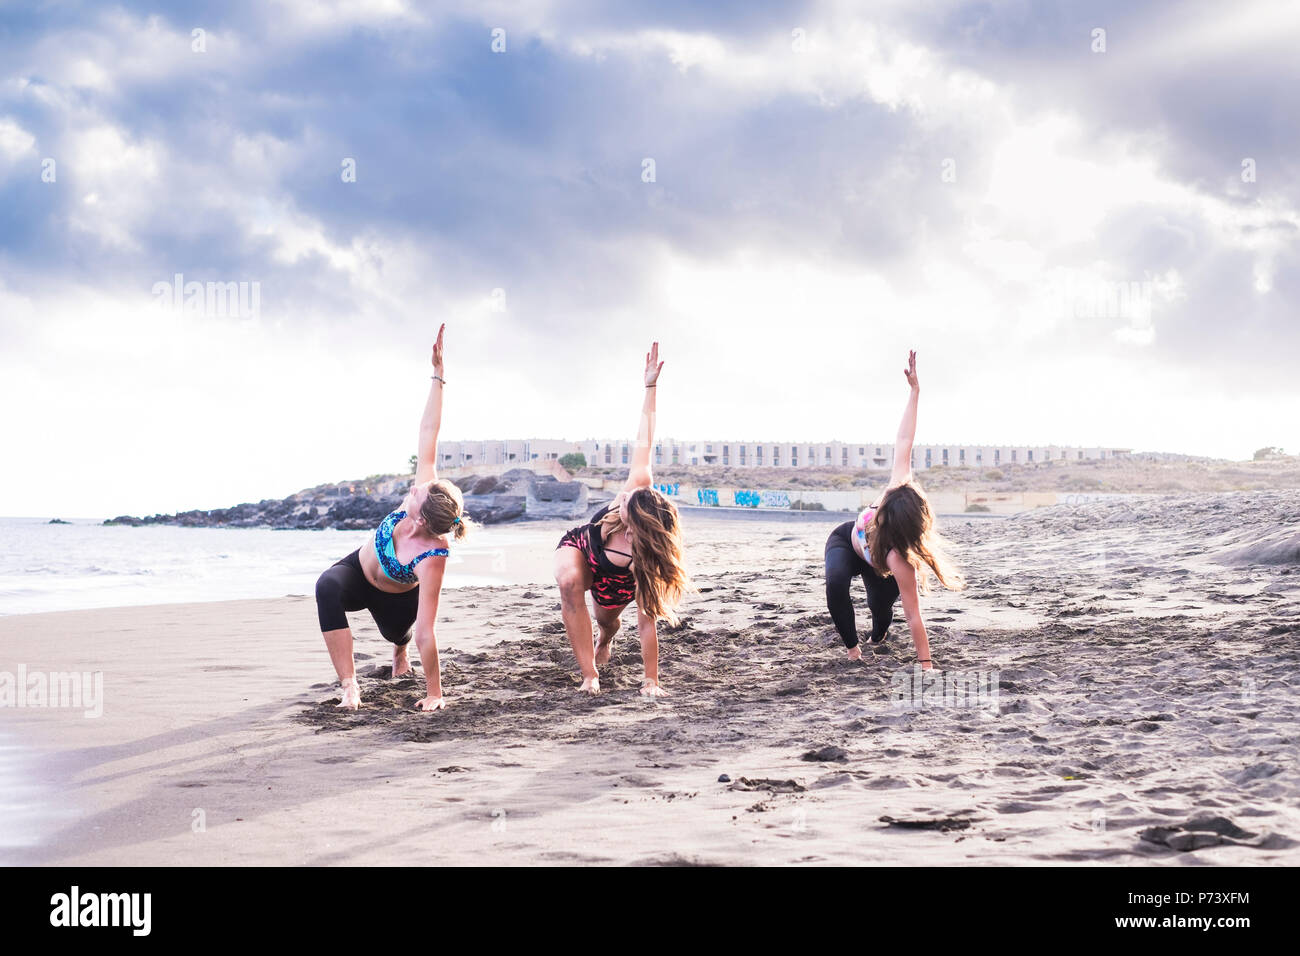 Grupo de tres personas amigas hacer ejercicios de equilibrio y fuerza como yoga y pilates en la playa. Costa y pintoresco lugar de arena durante beauti Imagen De Stock